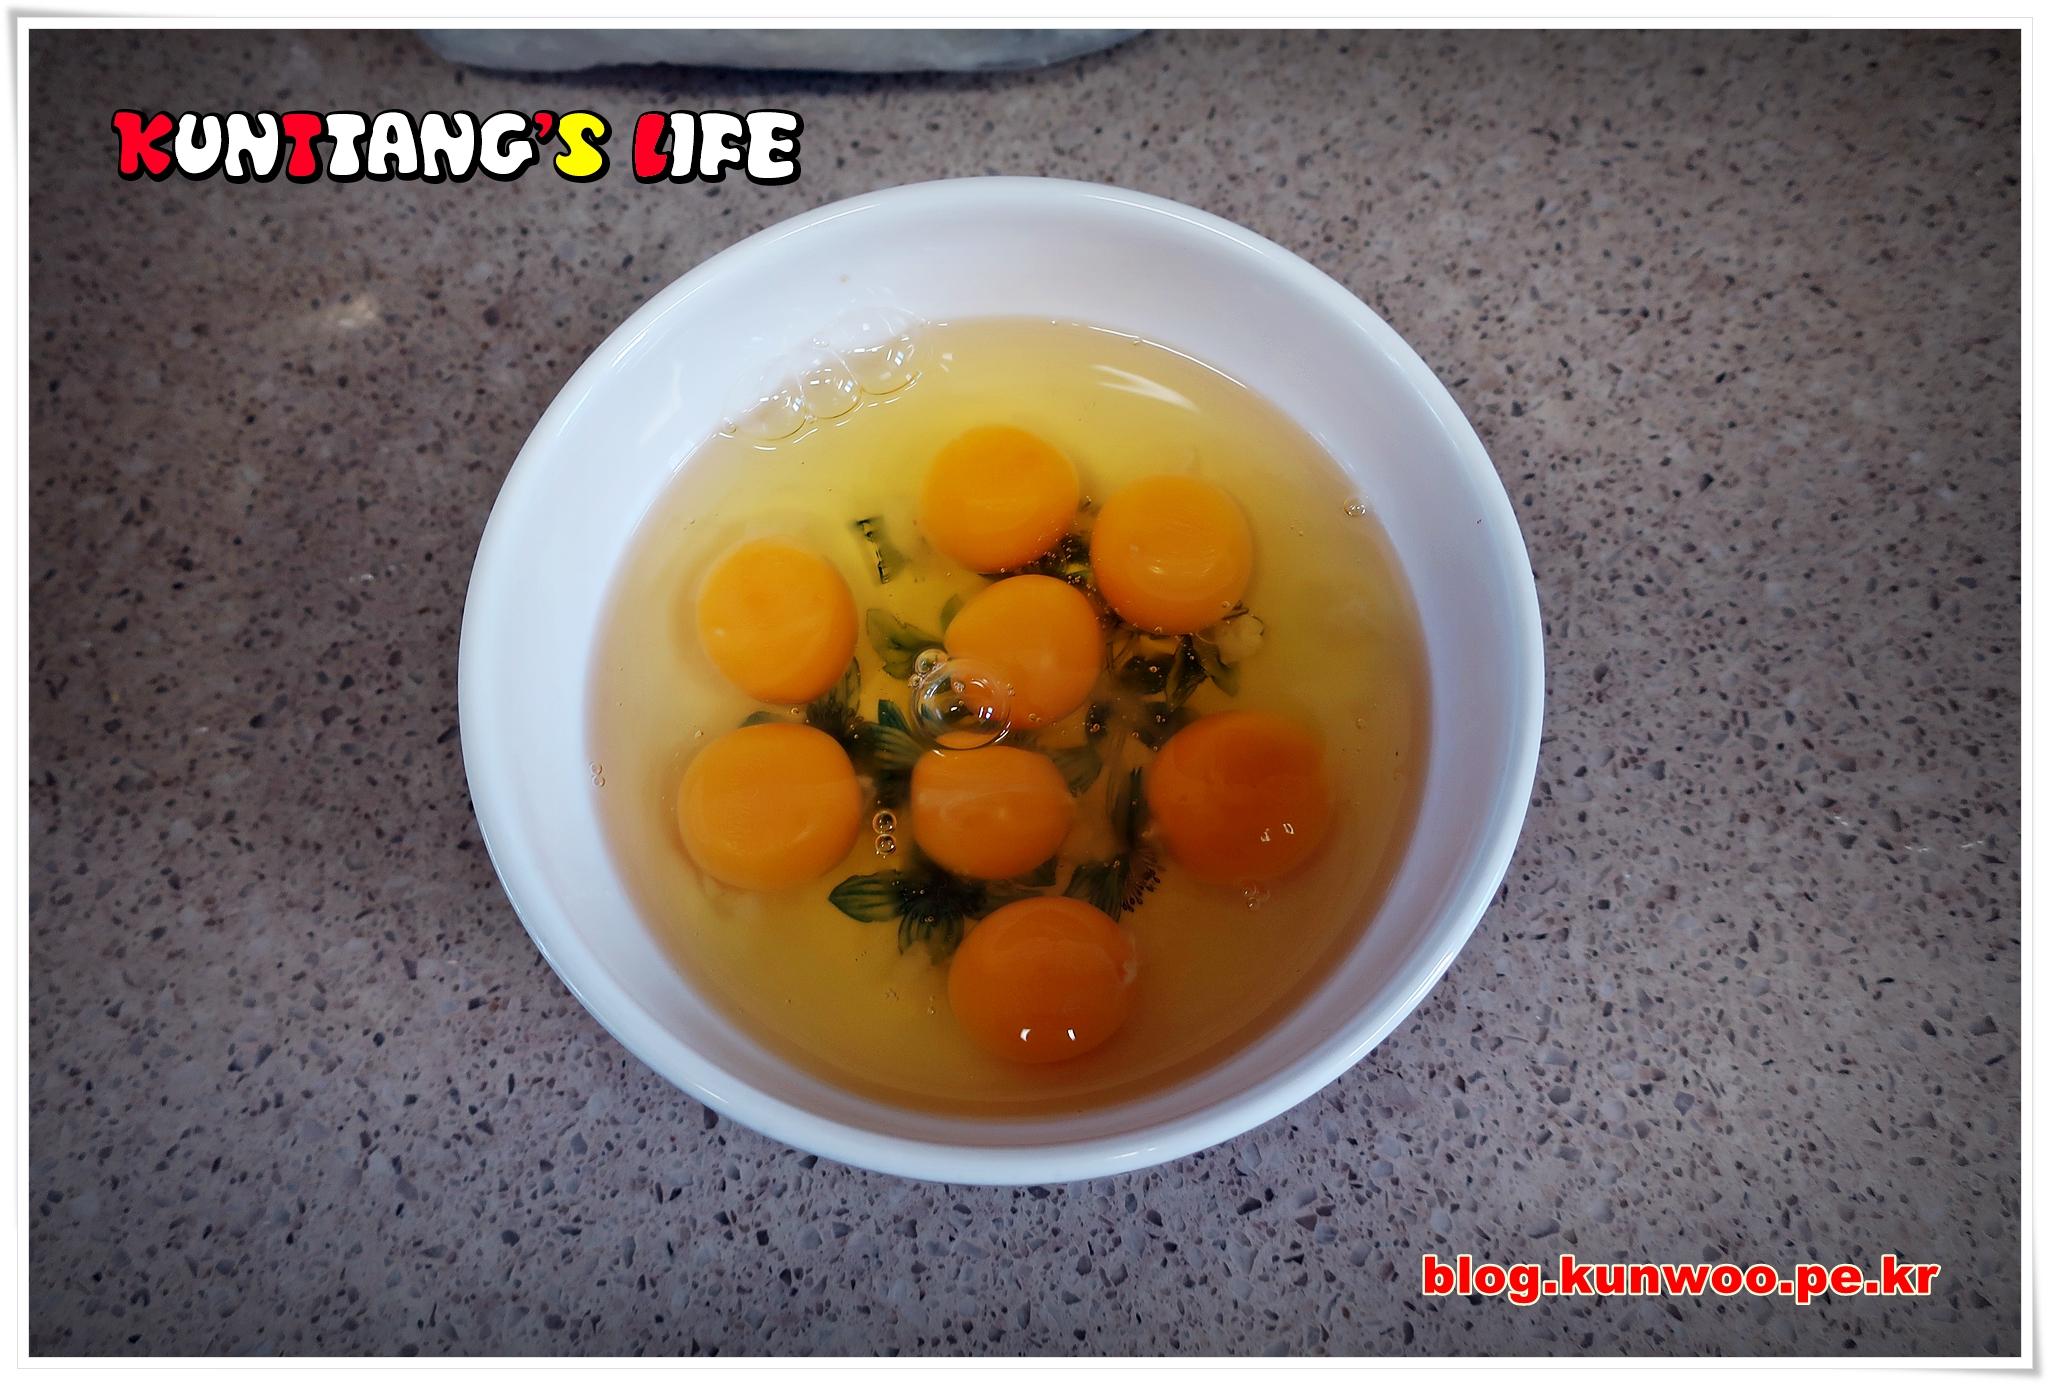 [그림4] 계란8개